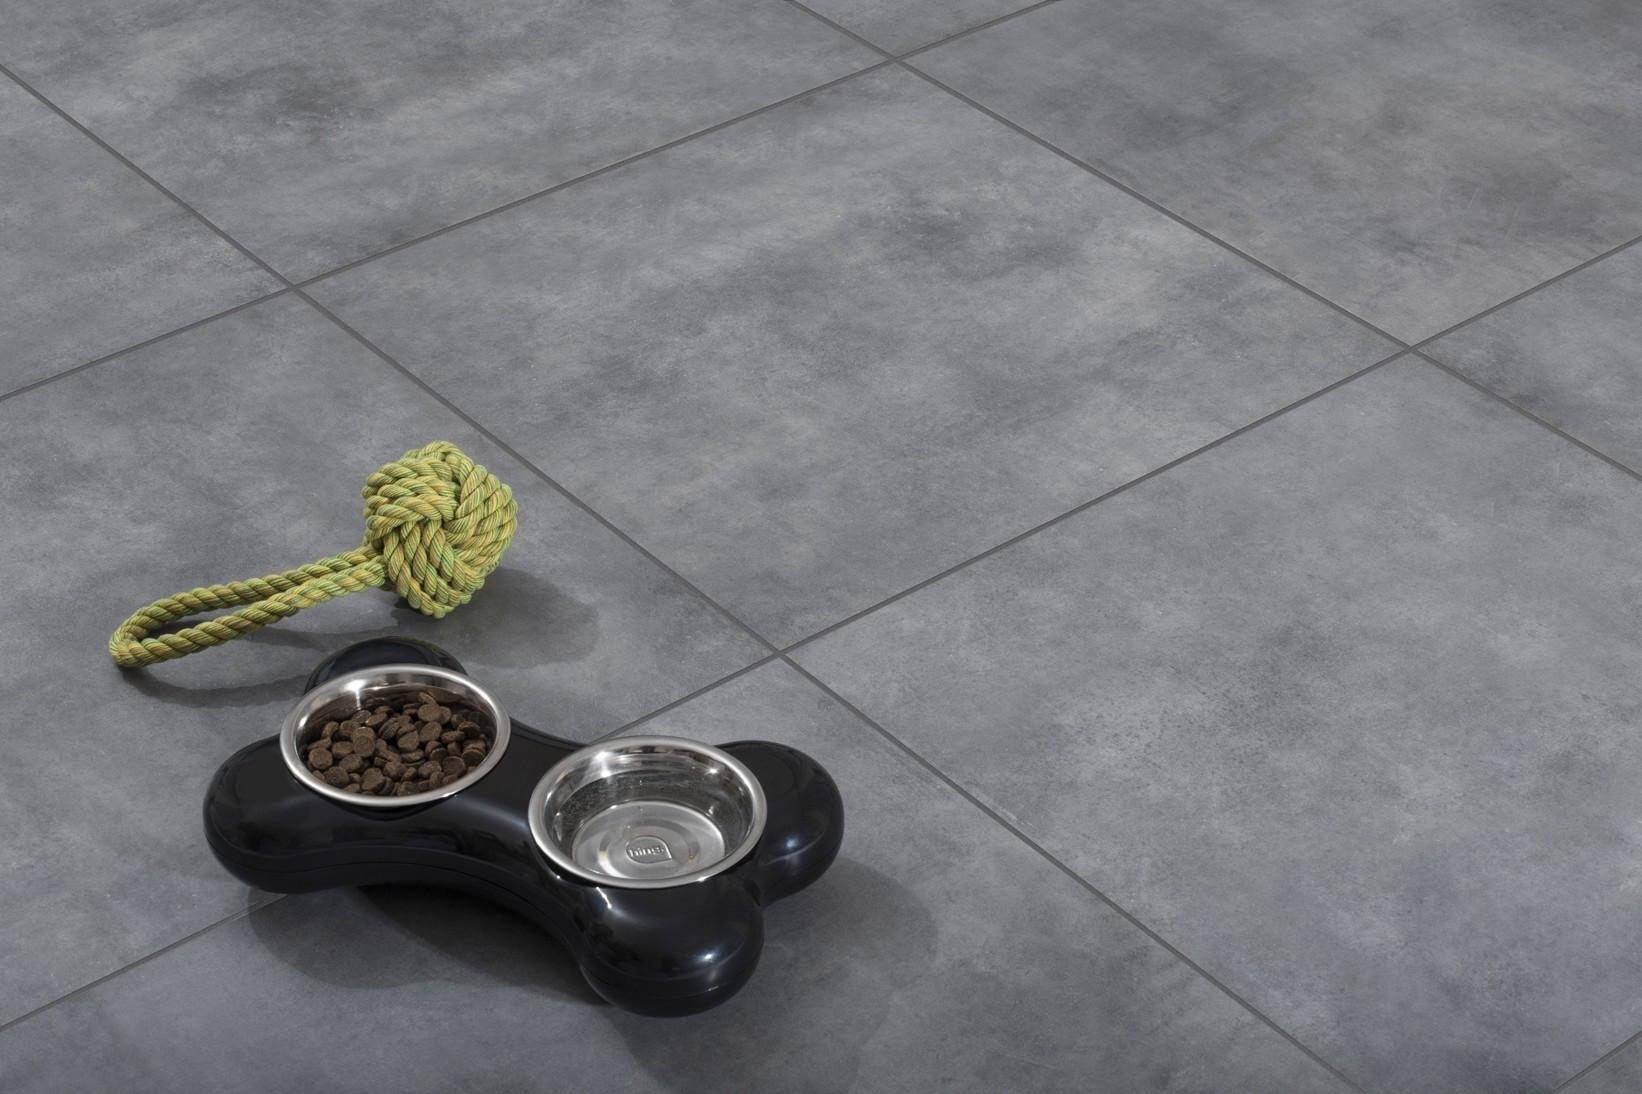 Плитка под бетон в интерьере: фото 9